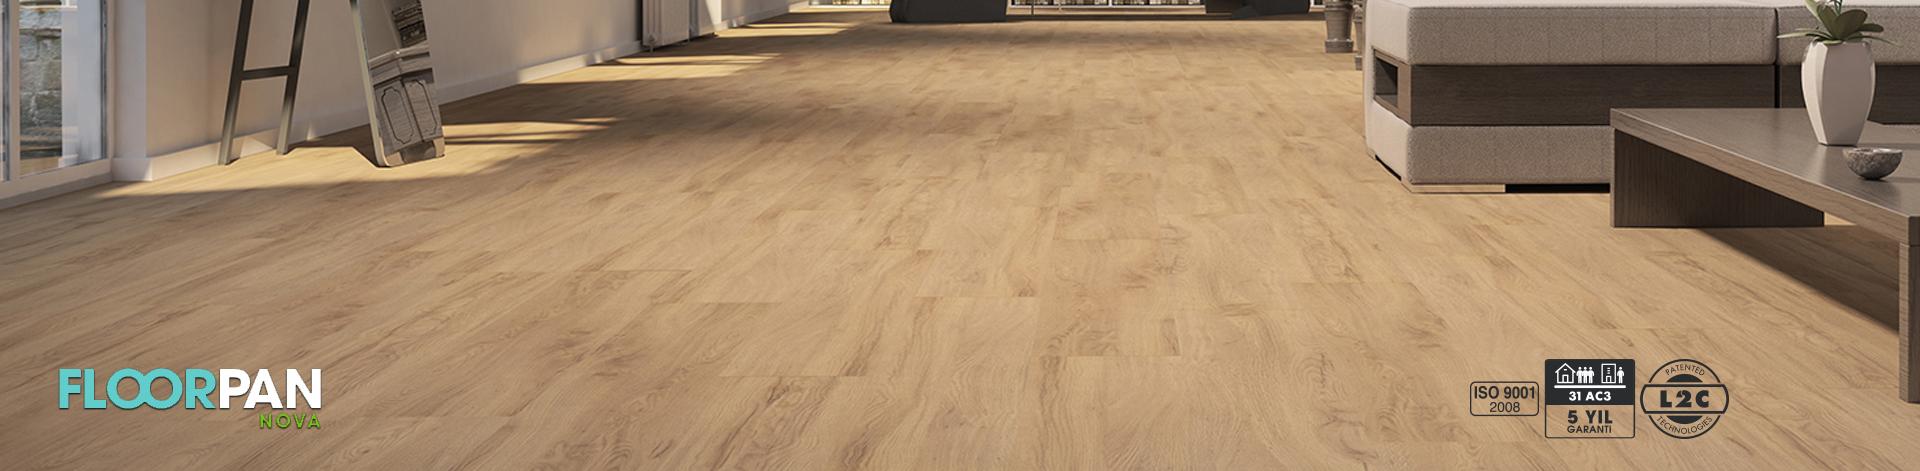 floorpan-nova-siteler